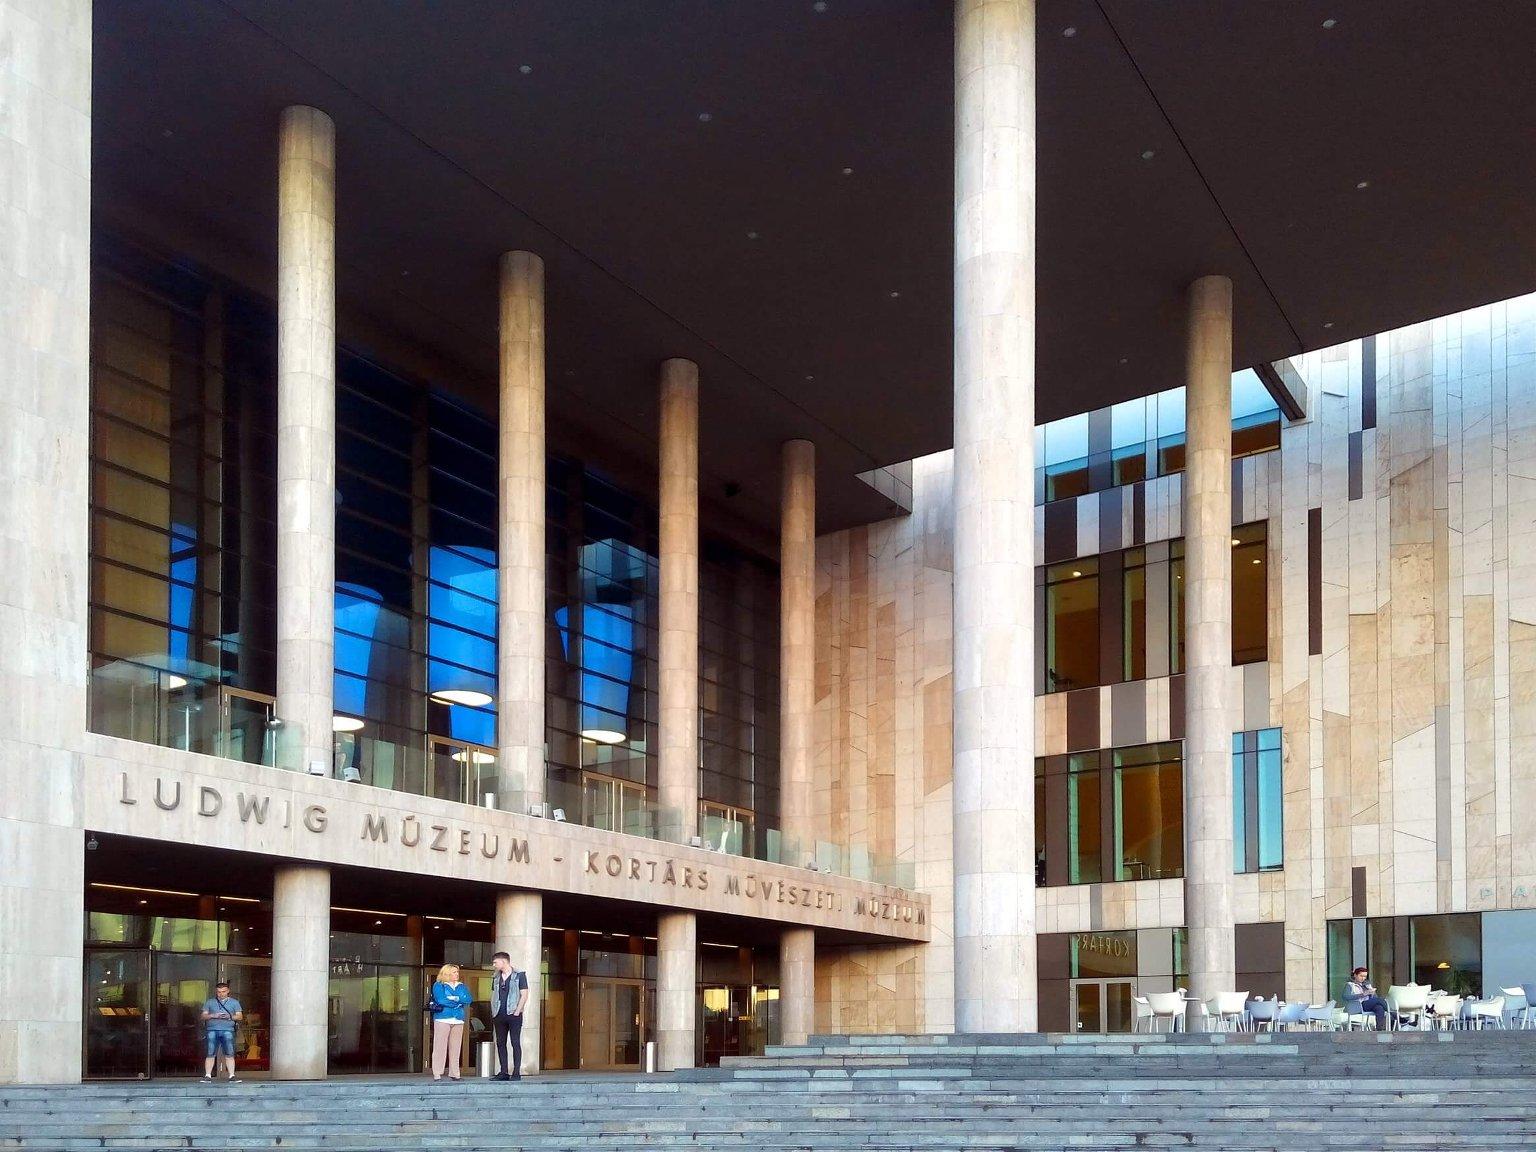 Музей Людвига - Музей современного искусства в Будапеште